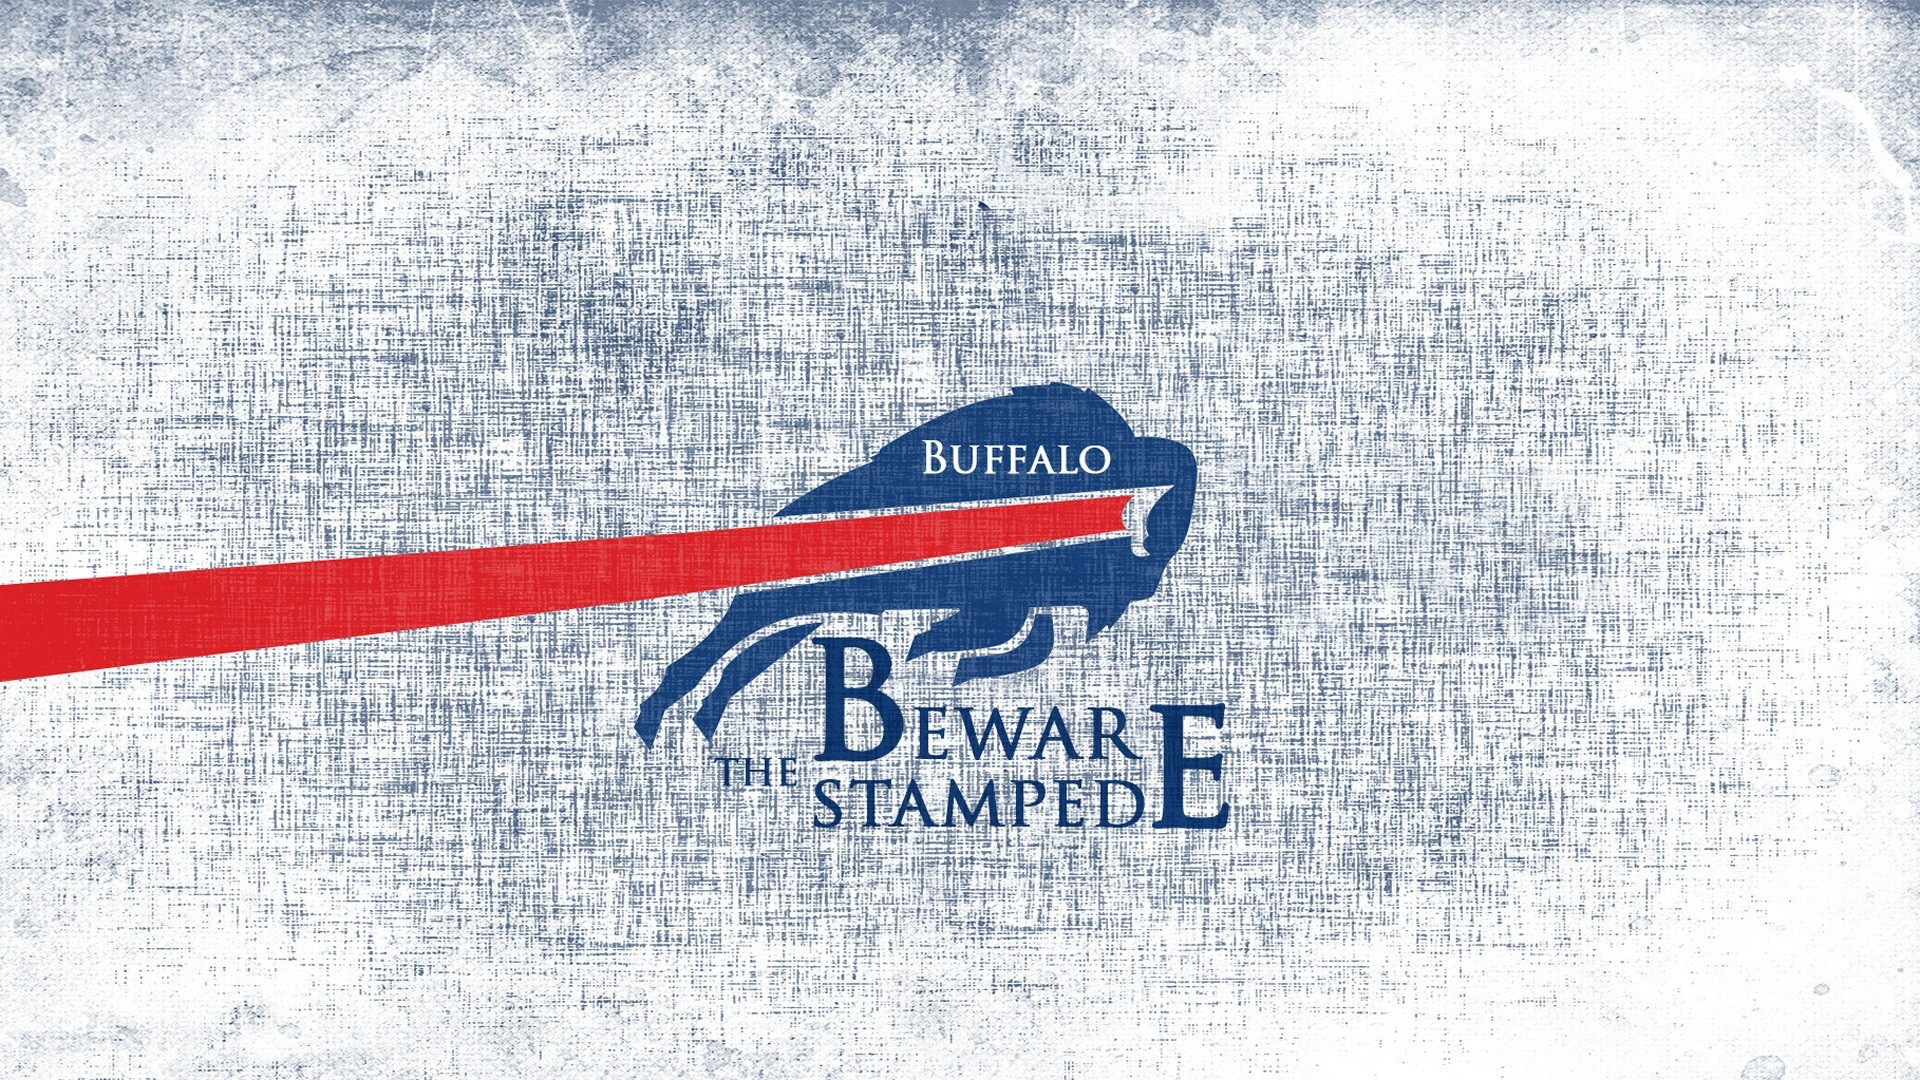 Buffalo Bills Background